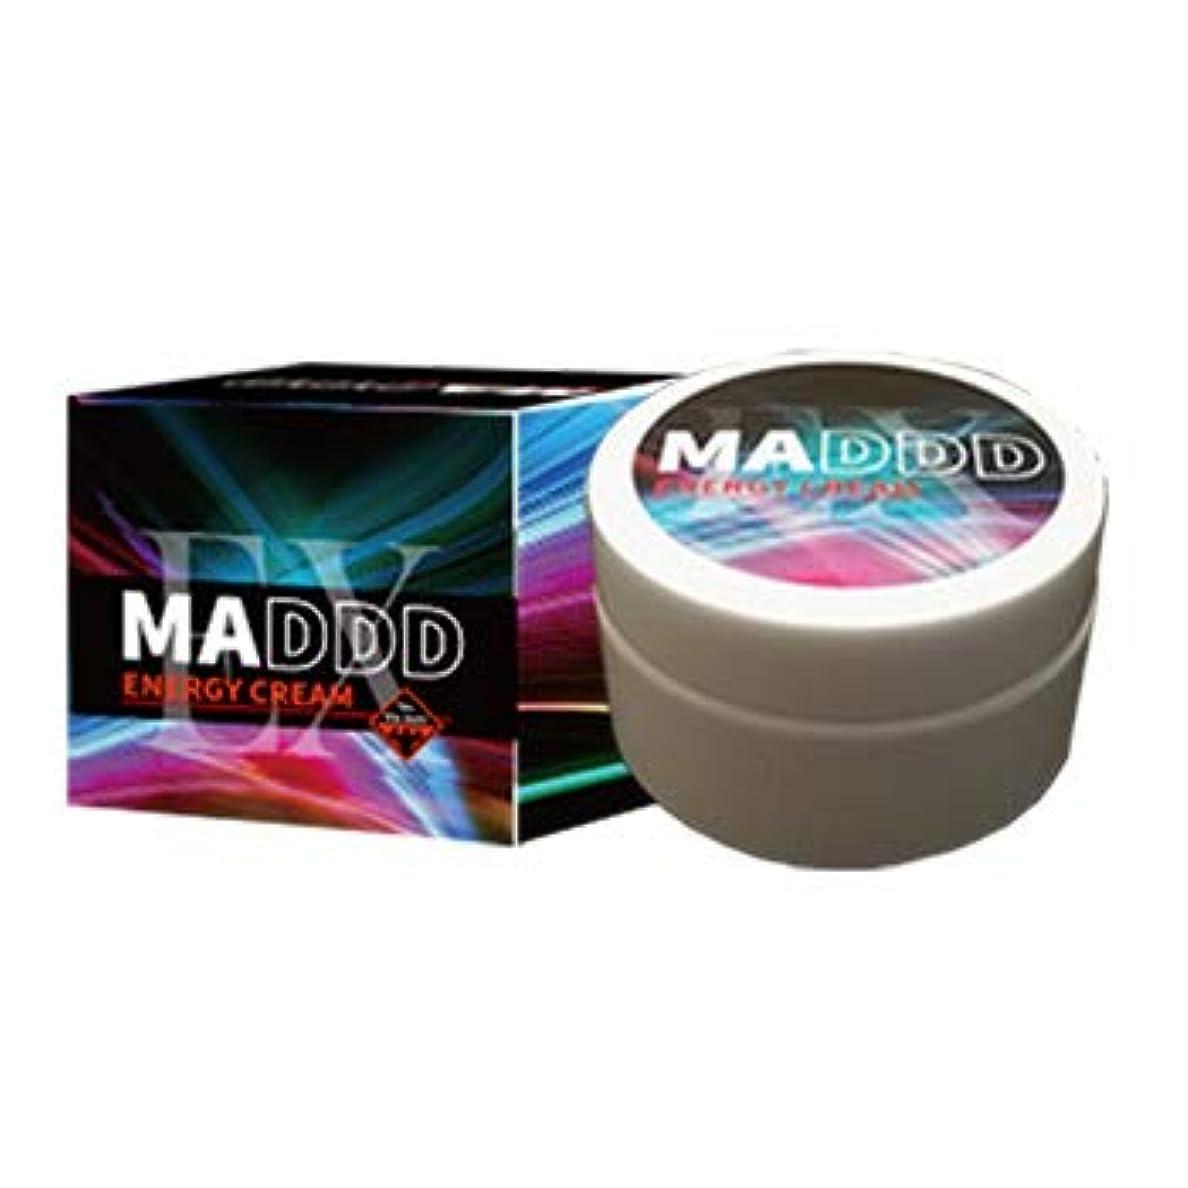 チーズ米国常習者MADDD EX 増大クリーム ボディクリーム 自信 持続力 厳選成分 50g (単品購入)